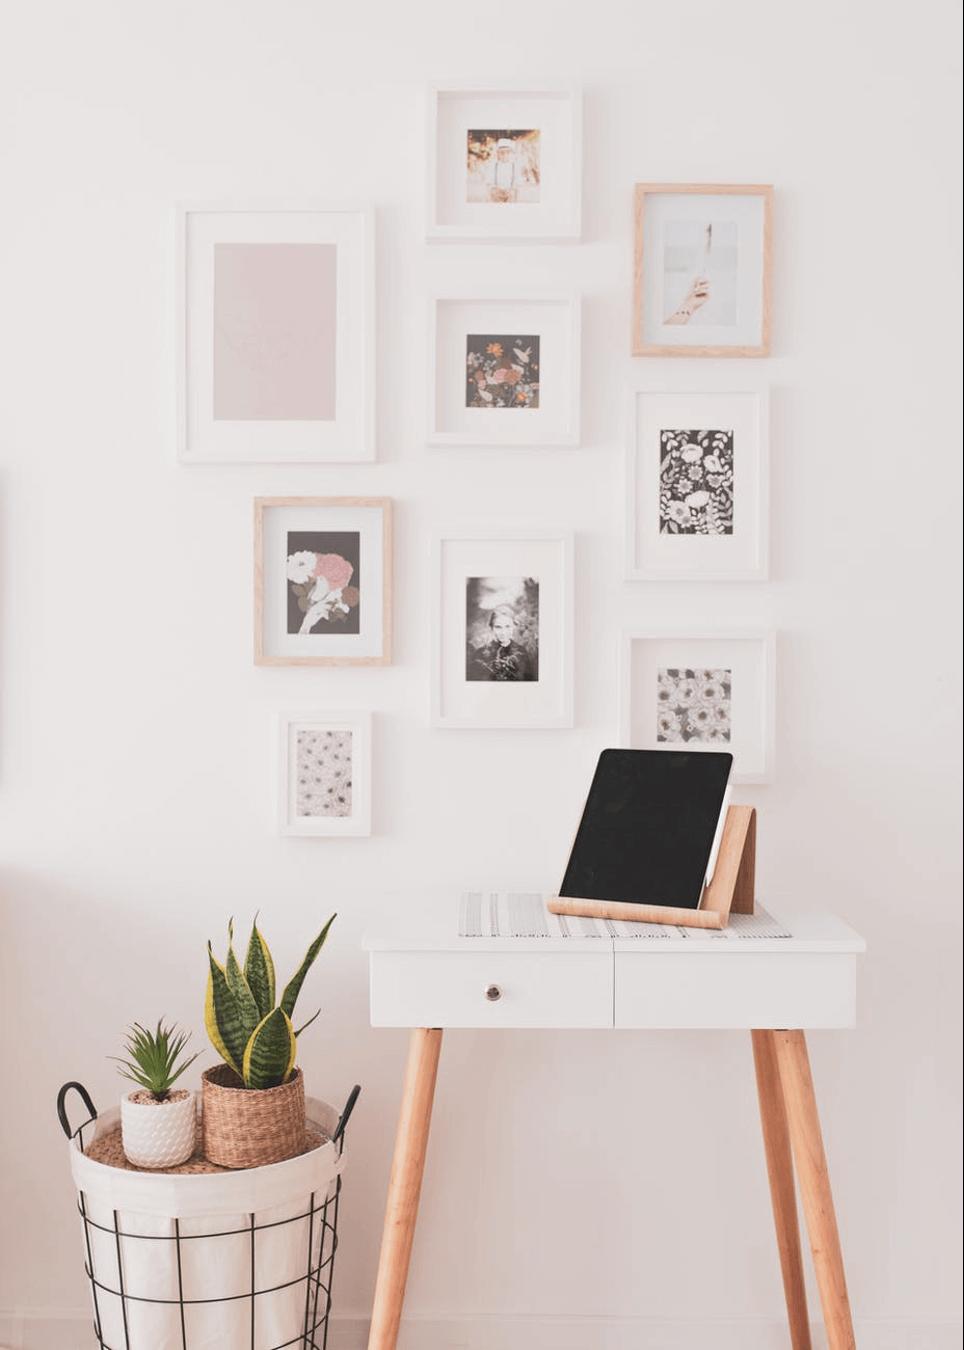 Trang trí tường nhà với tranh ảnh